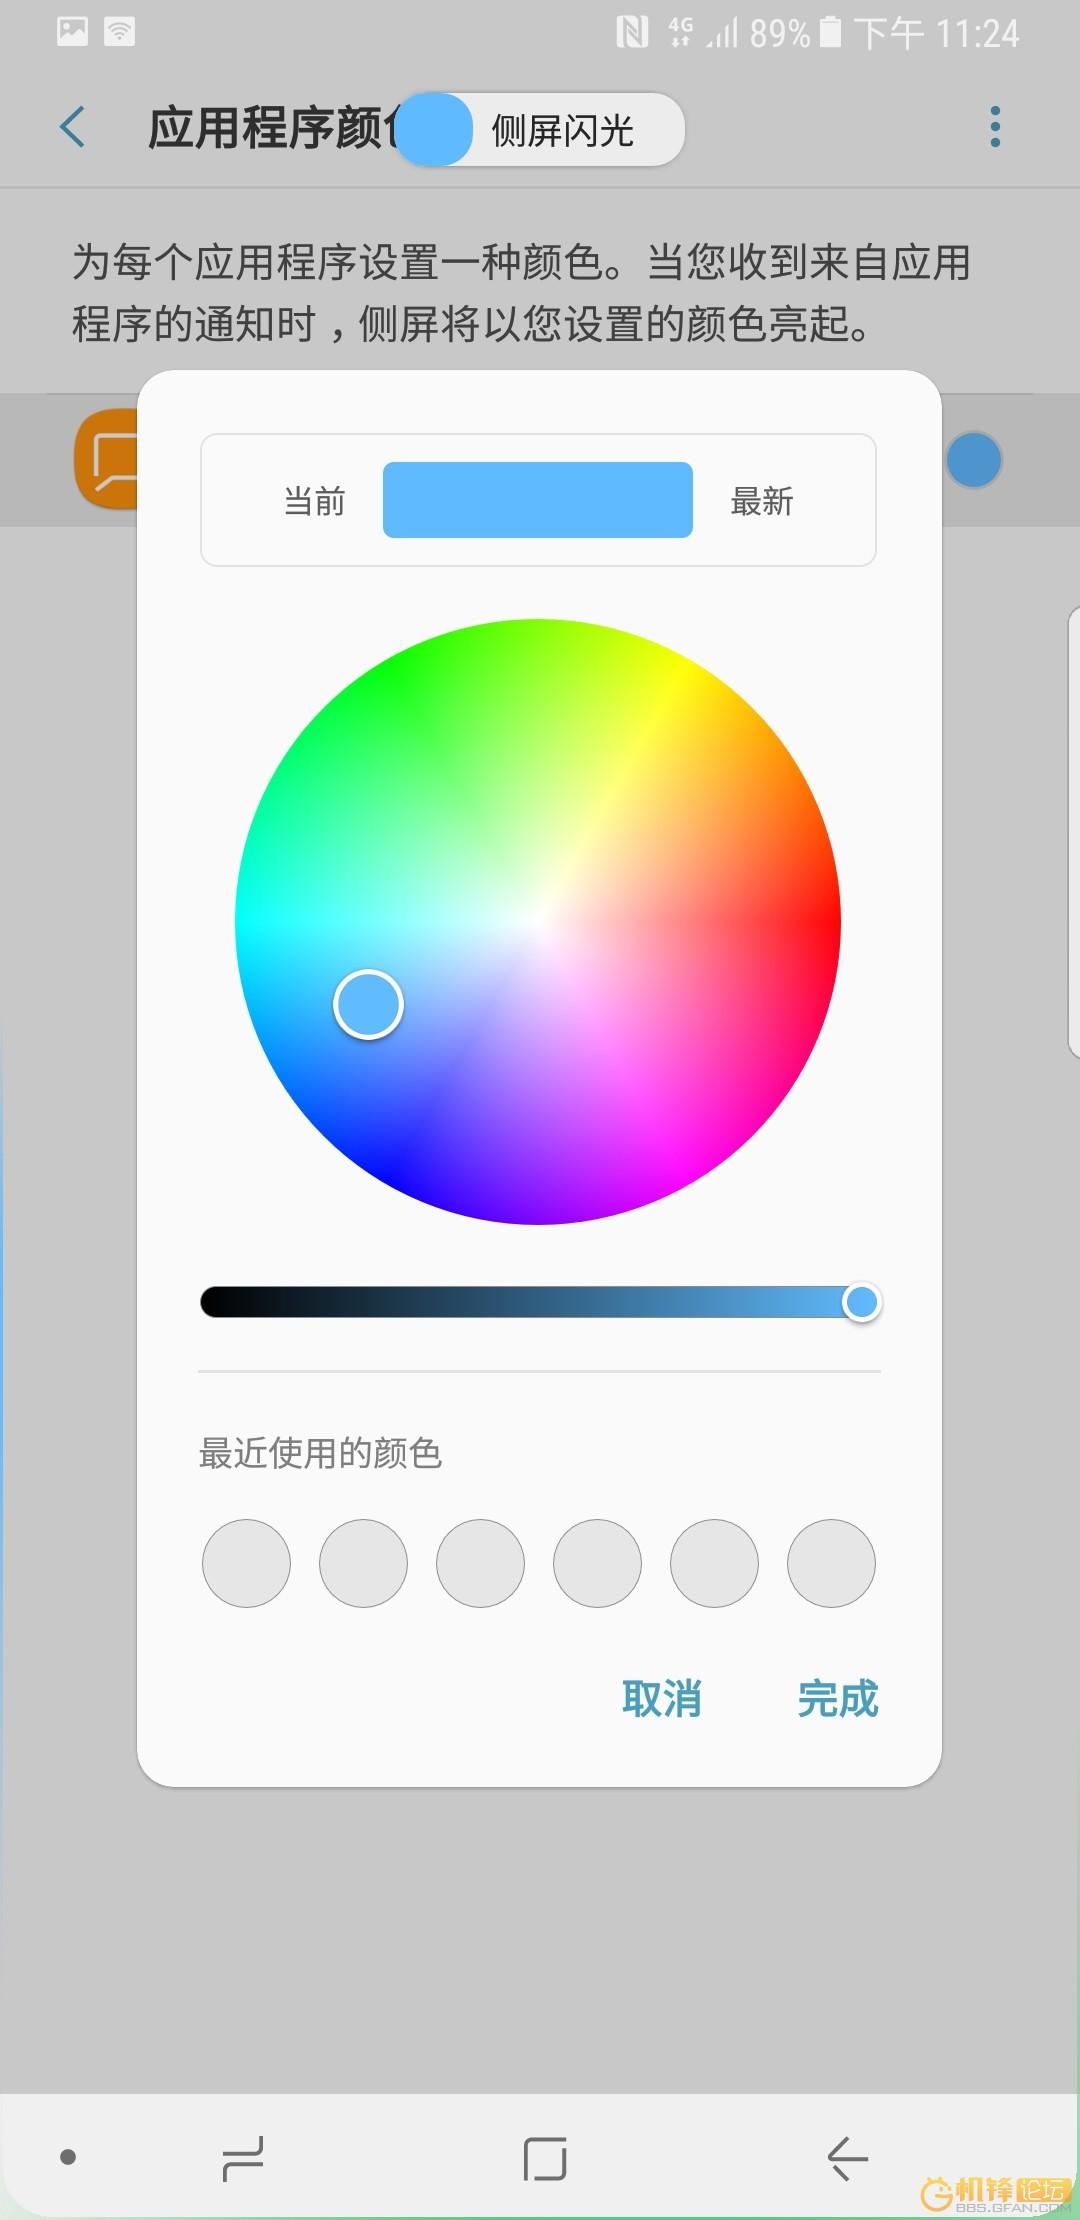 Screenshot_20171124-232426.jpg